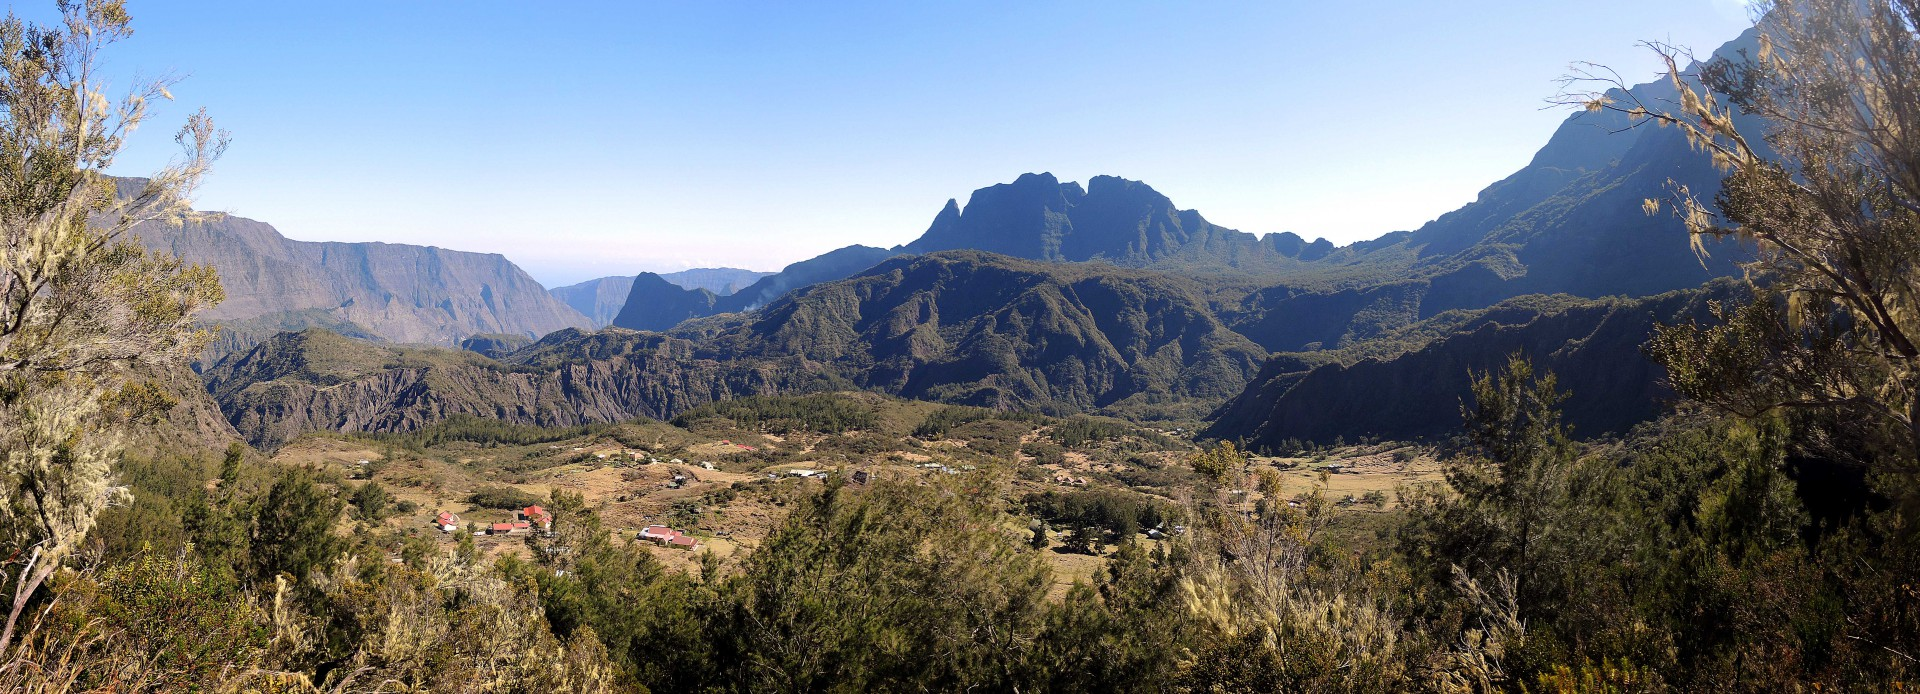 La Réunion Panorama von Marla